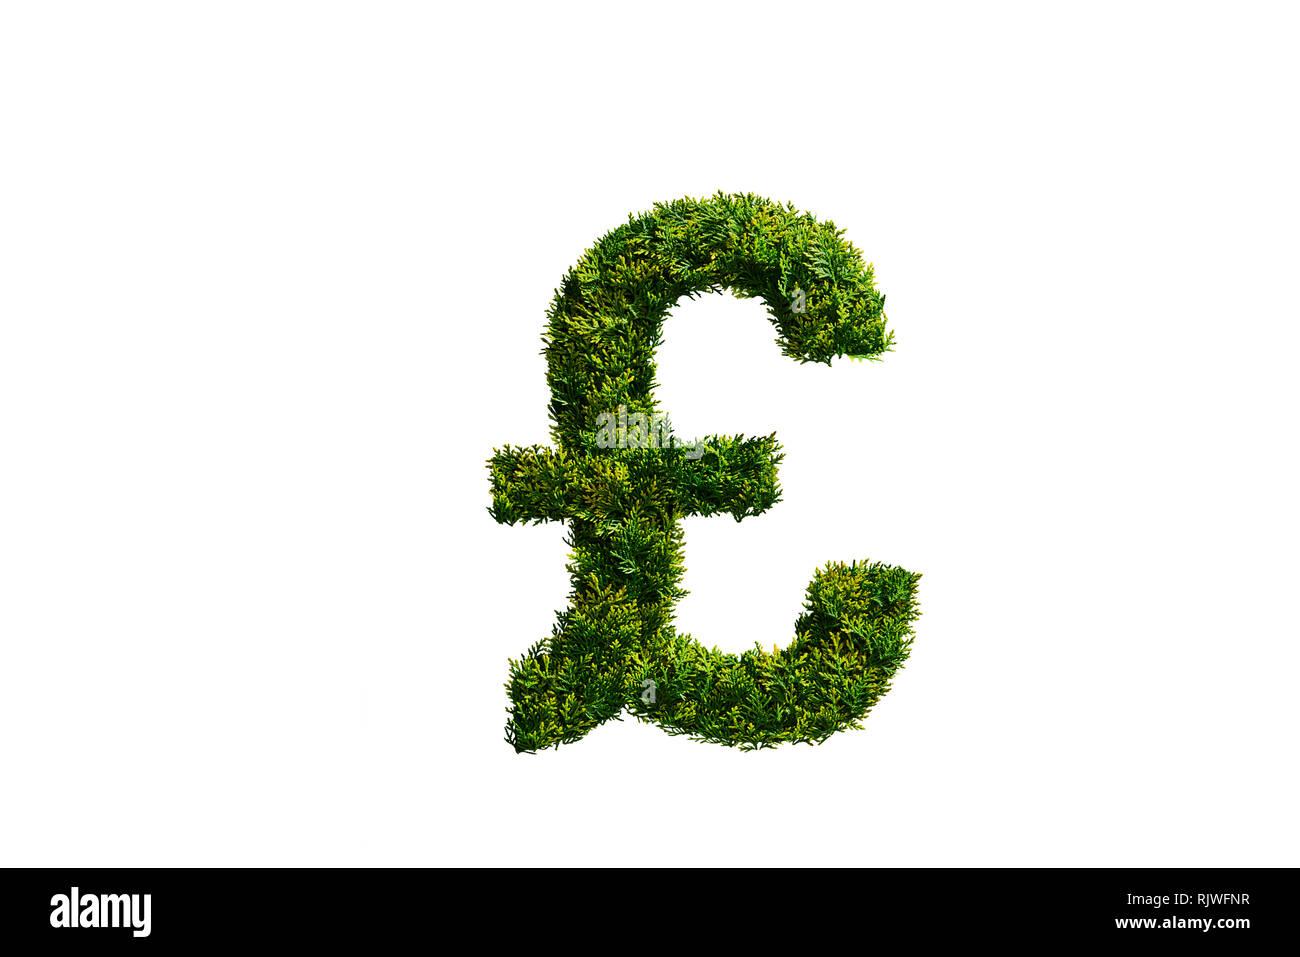 Topiaria da albero nella forma della sterlina britannica simbolo Immagini Stock